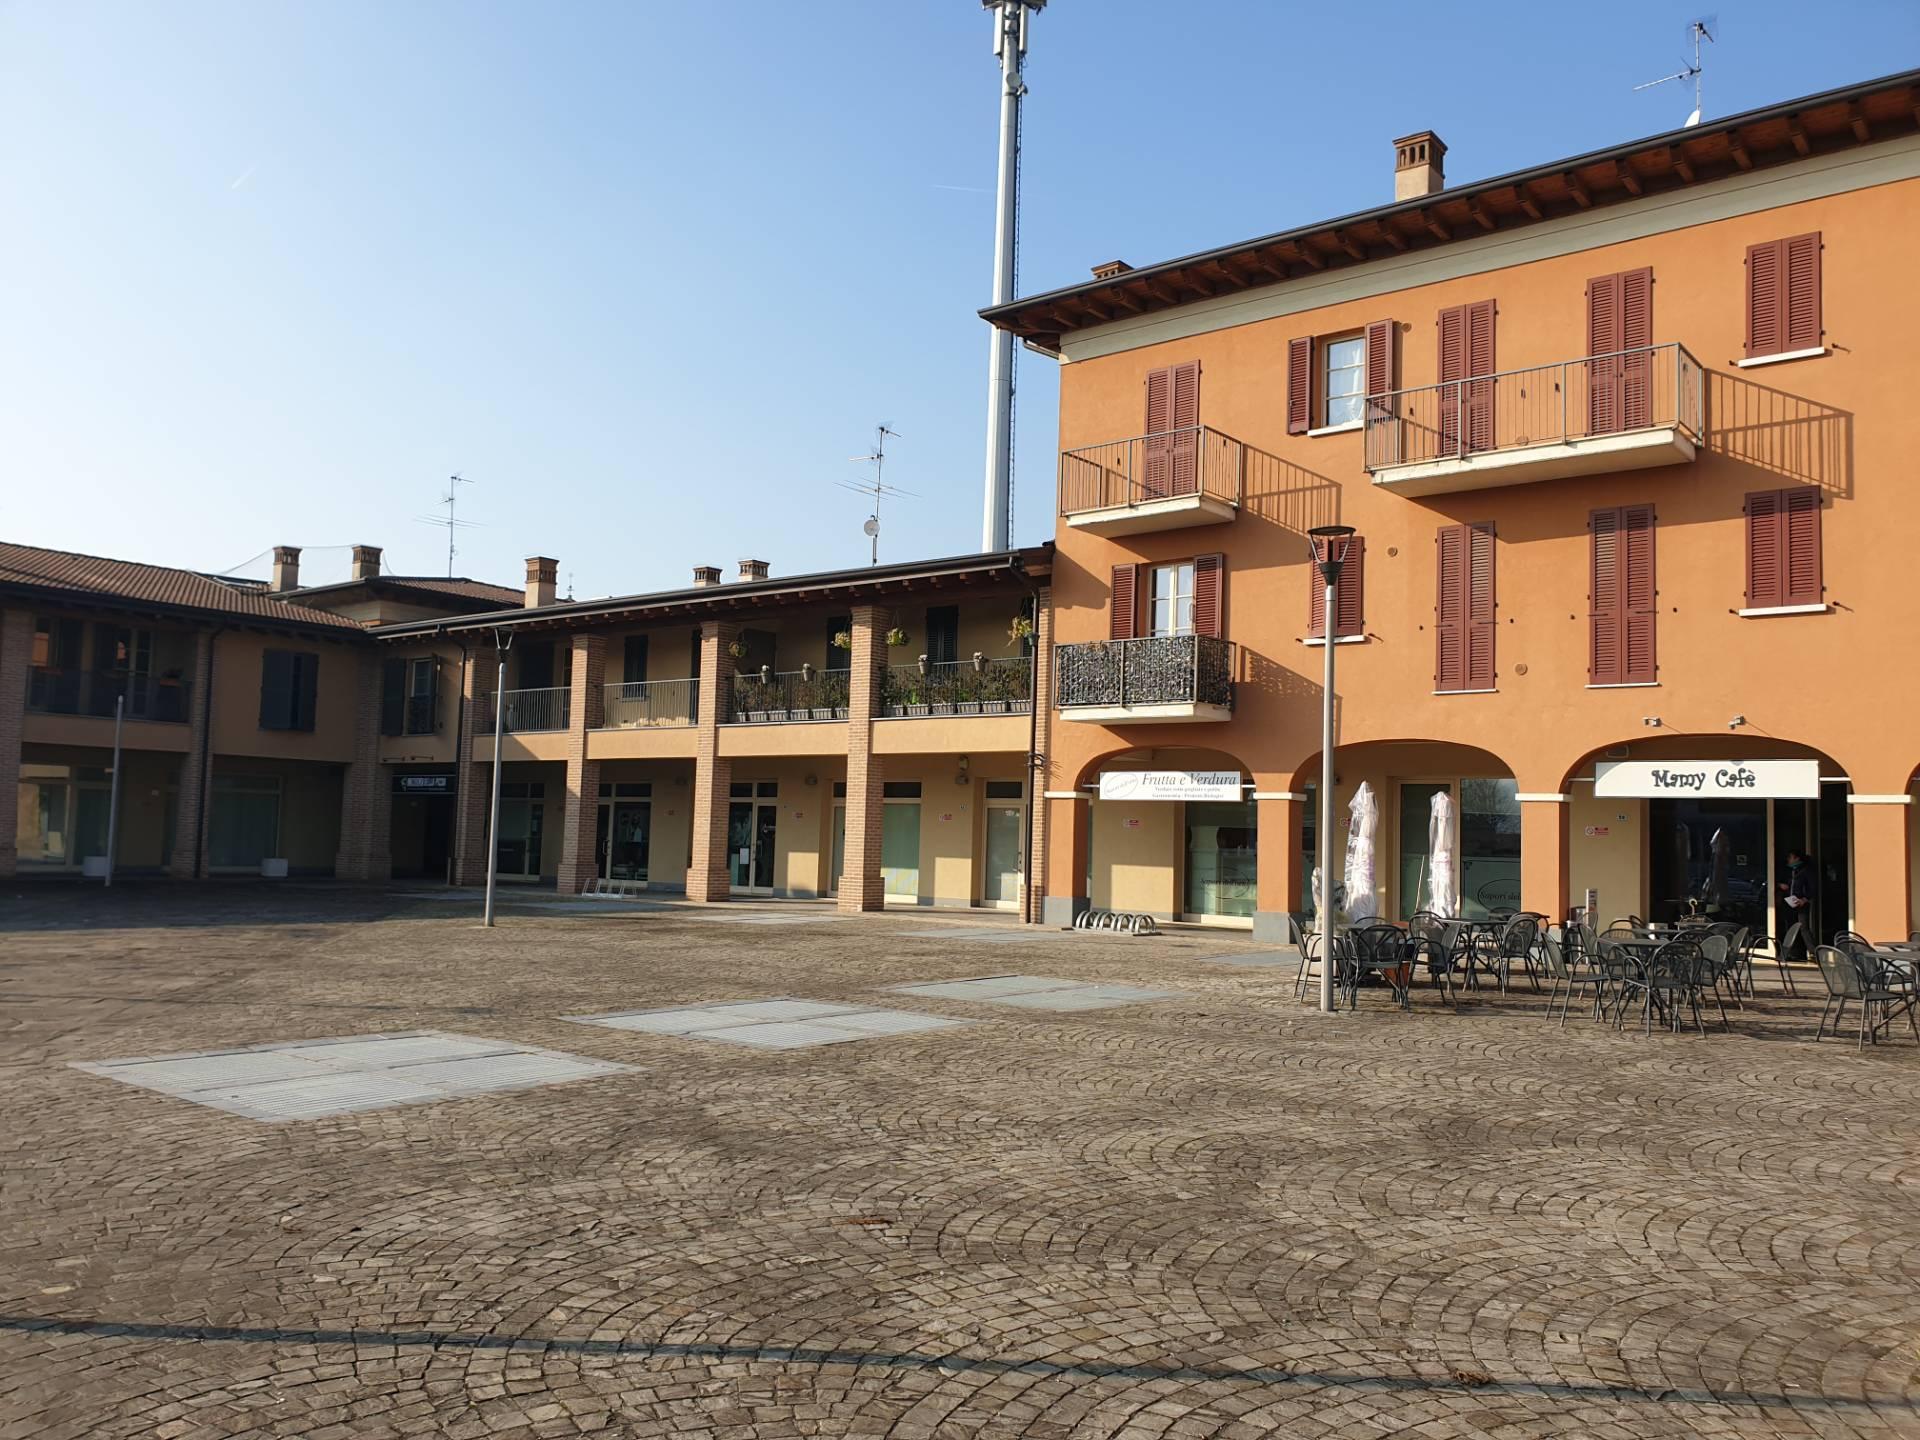 Appartamento in vendita a Palazzolo sull'Oglio, 2 locali, prezzo € 95.000 | PortaleAgenzieImmobiliari.it